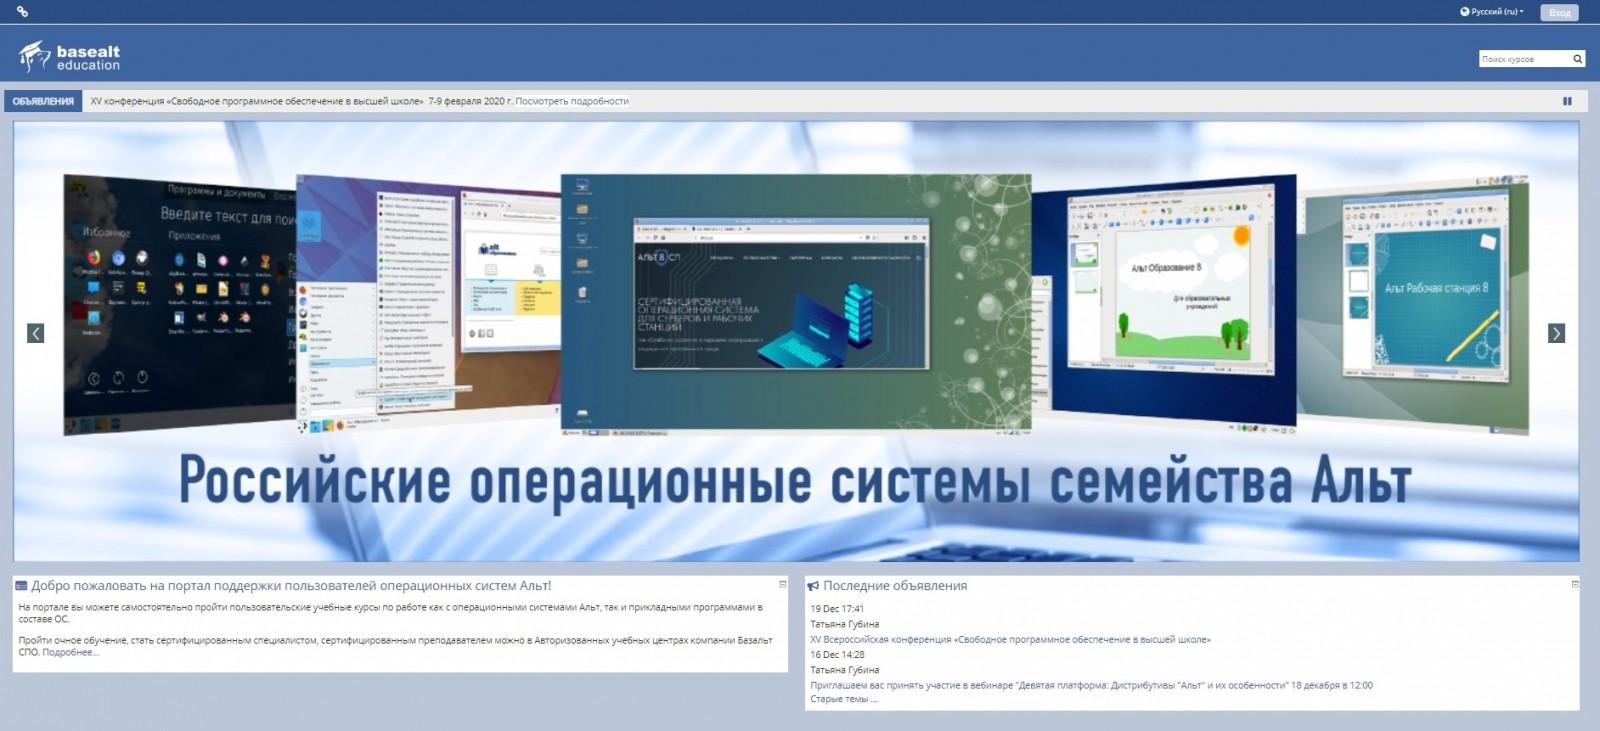 В российских в школах и вузах в 2019 году установлены 12 тыс экземпляров ОС «Альт»